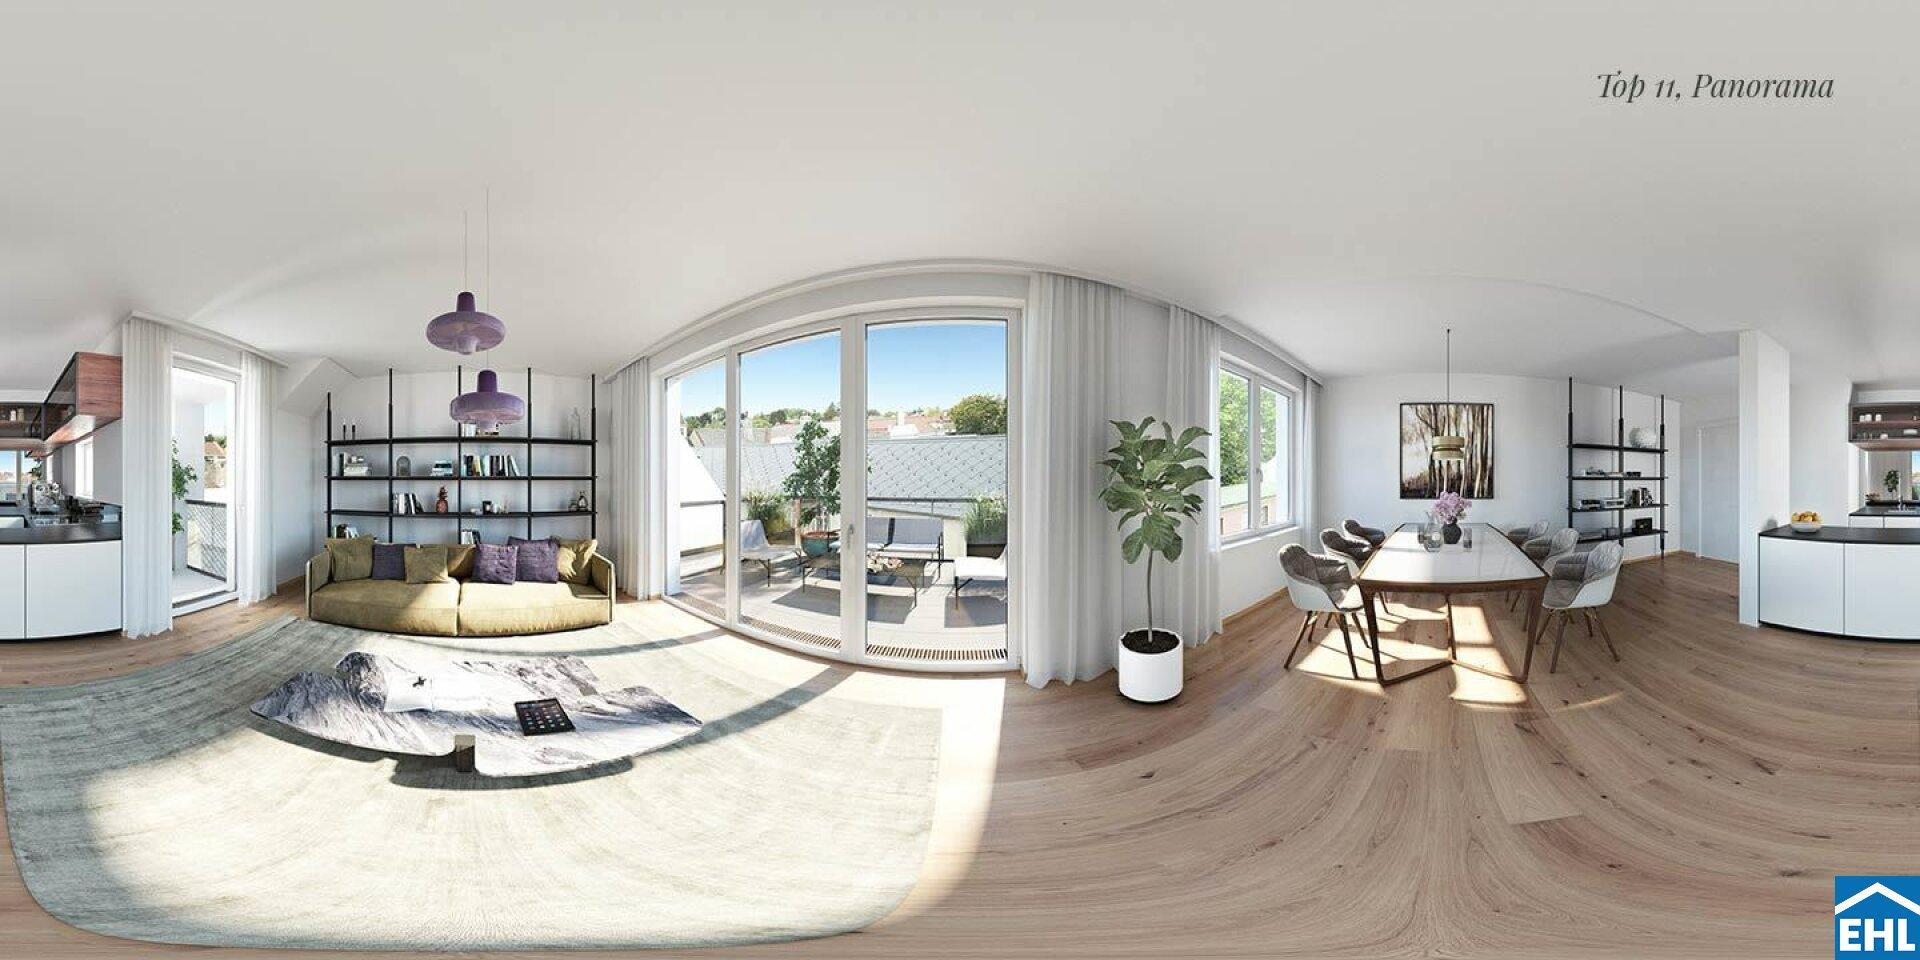 Winzenz-Top11-Panorama.jpg